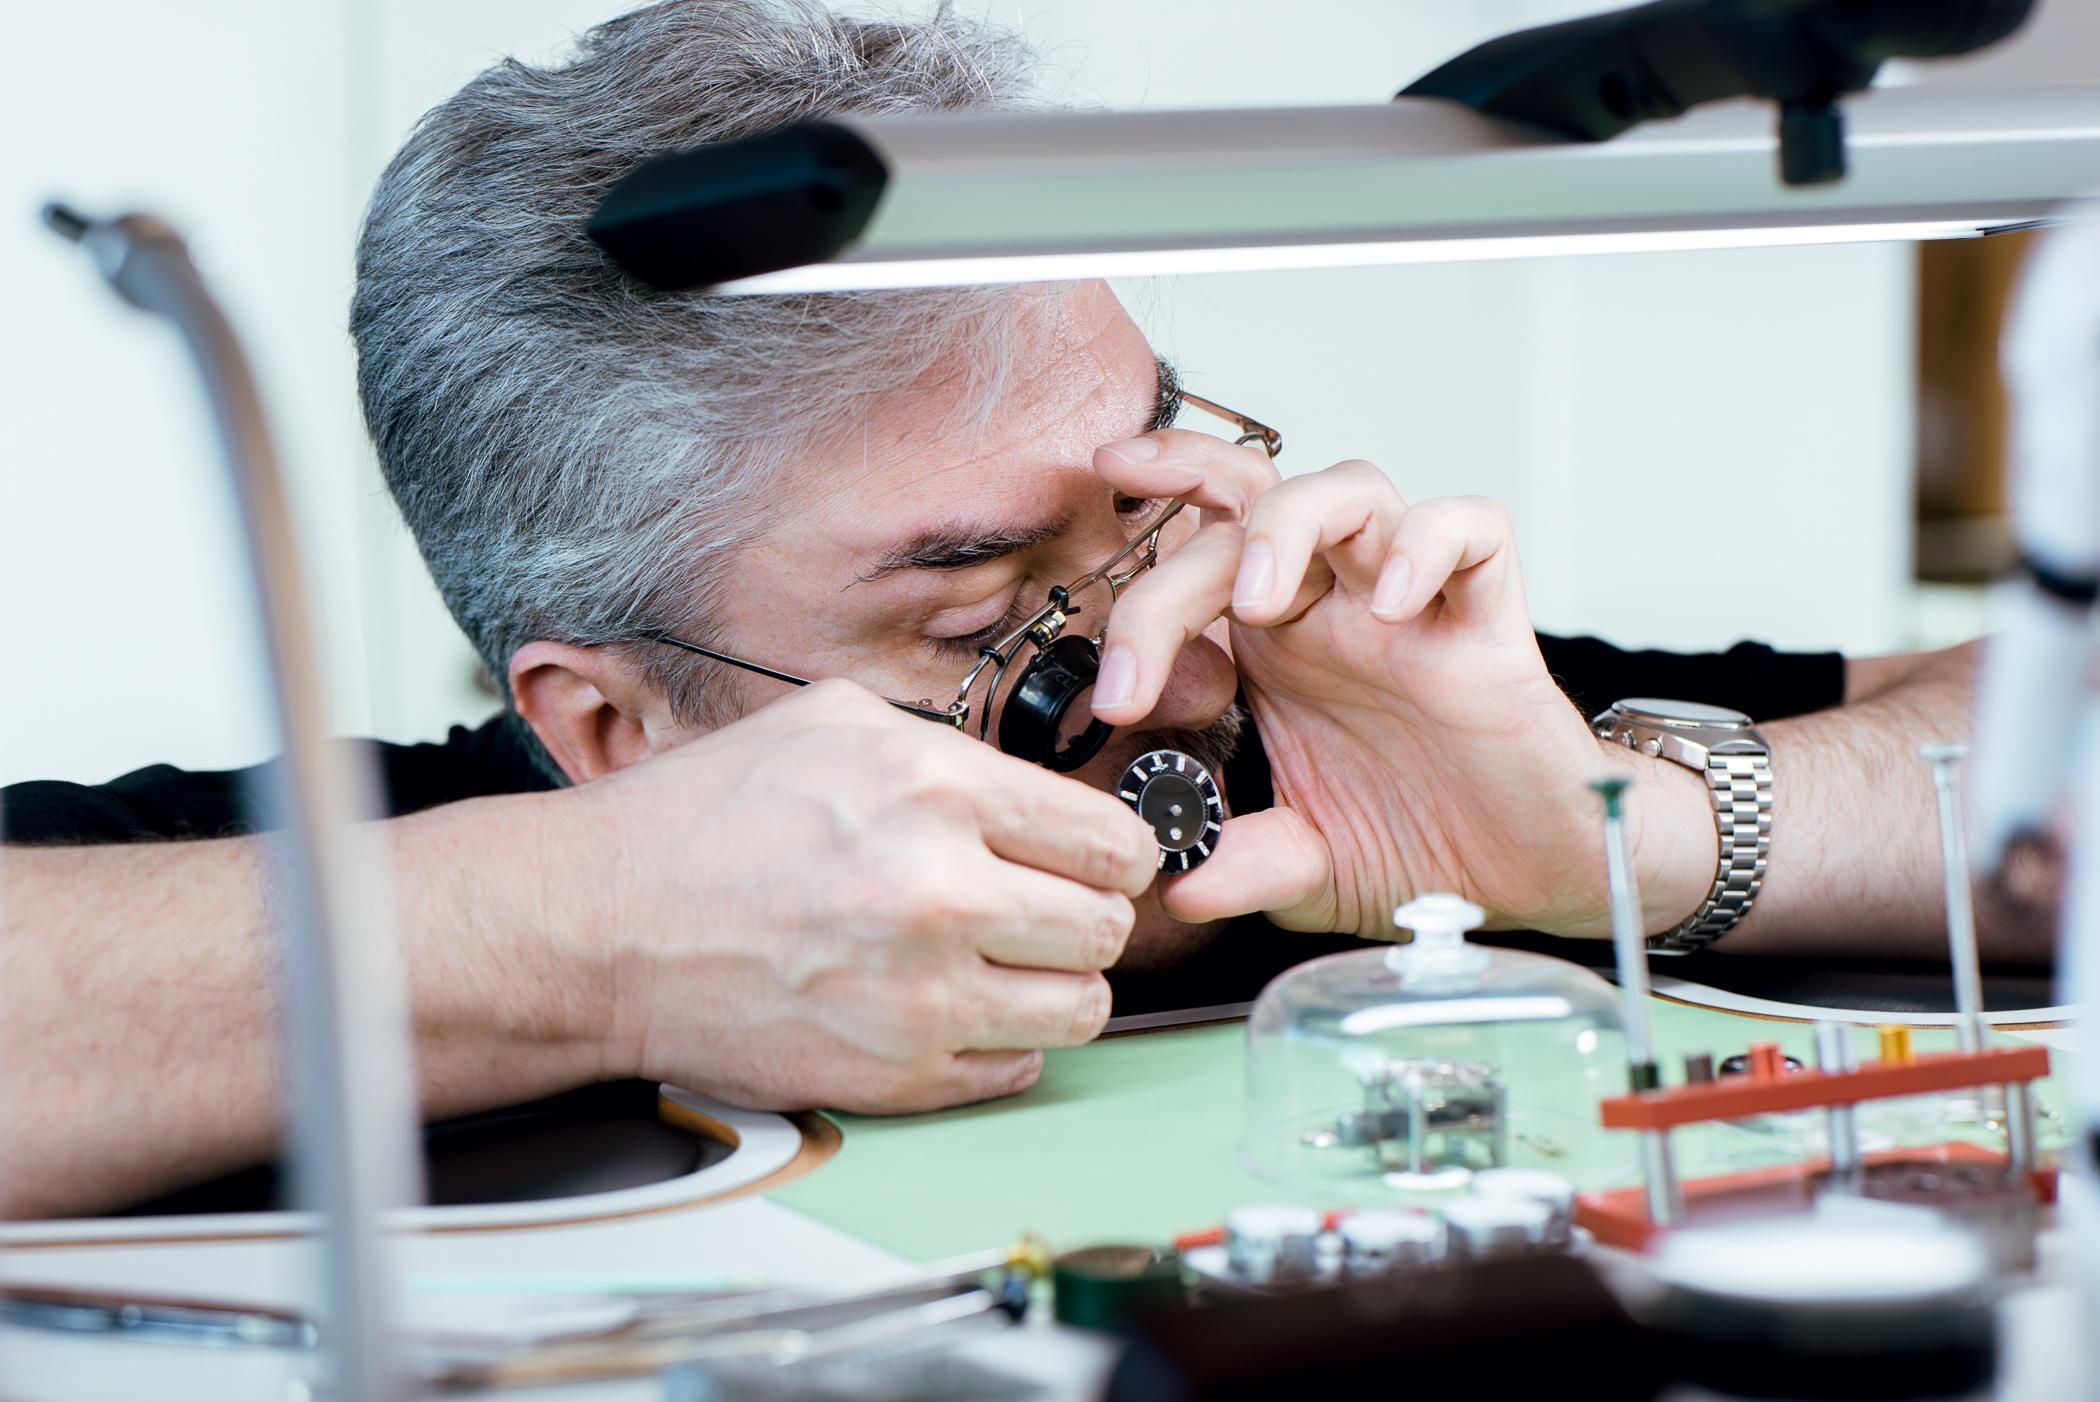 CHRONEXT Mitarbeiter baut eine Uhr zusammen